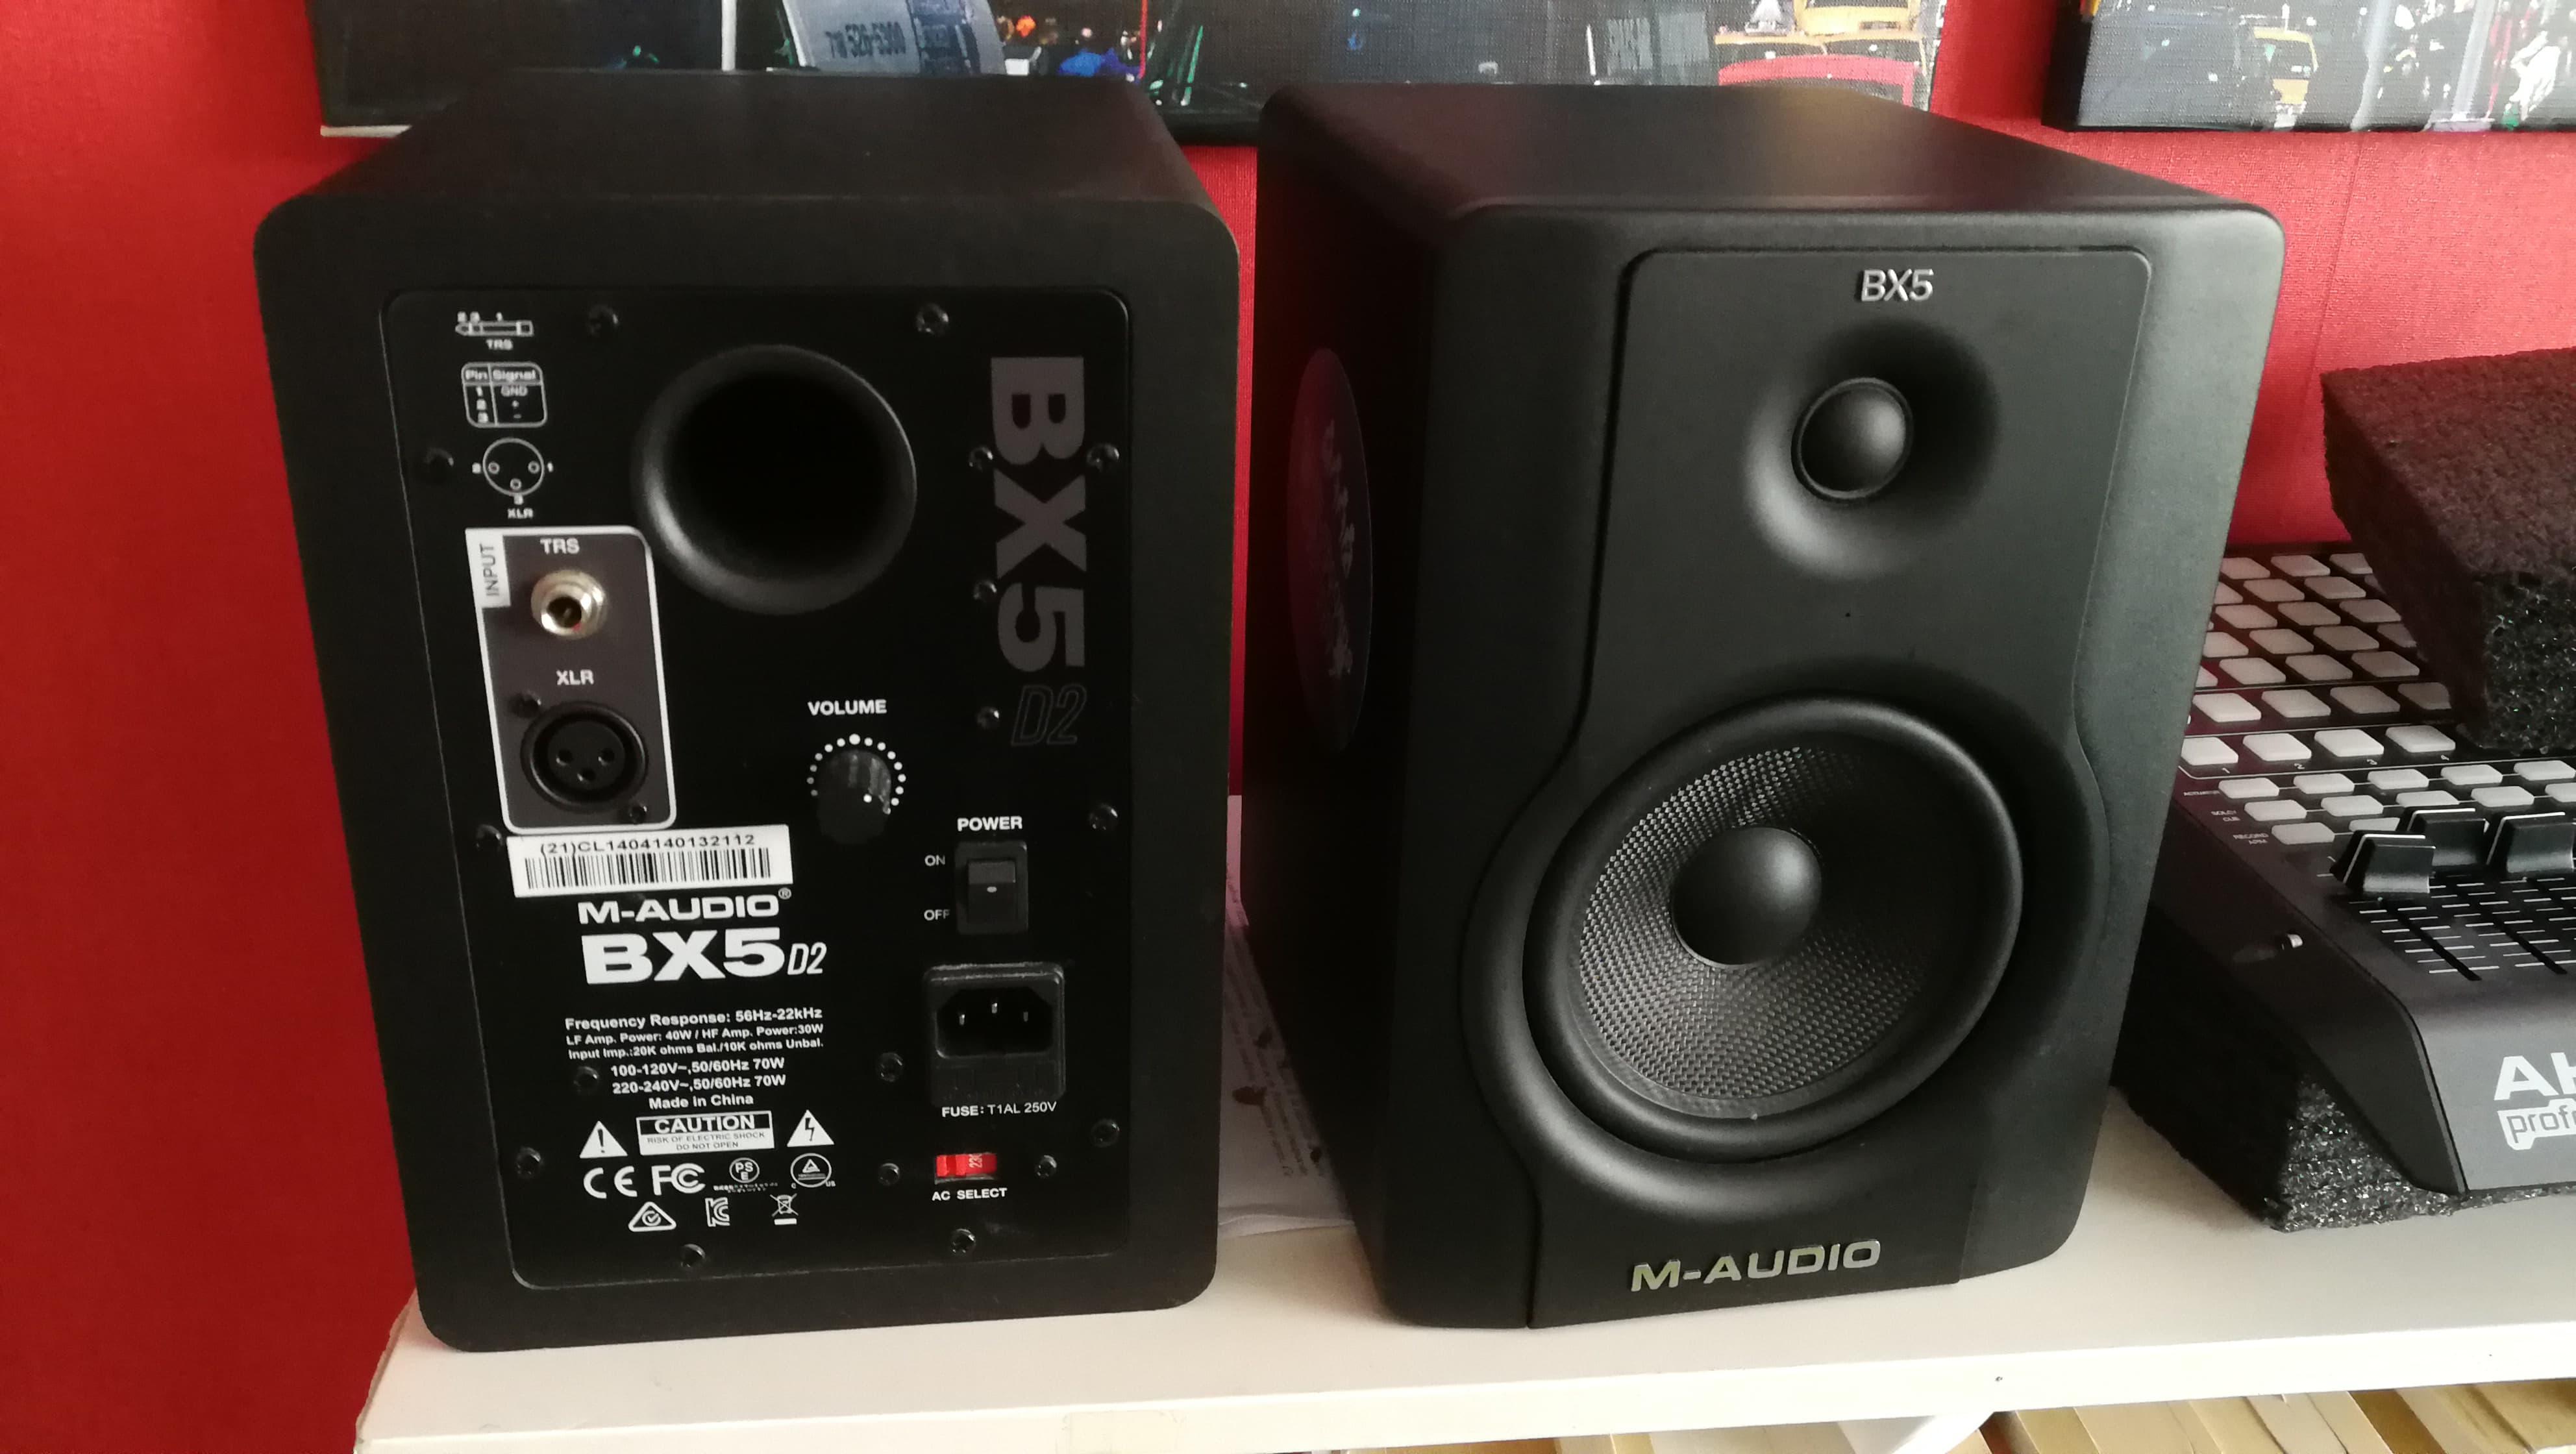 BX5 D2 - M-Audio BX5 D2 - Audiofanzine.